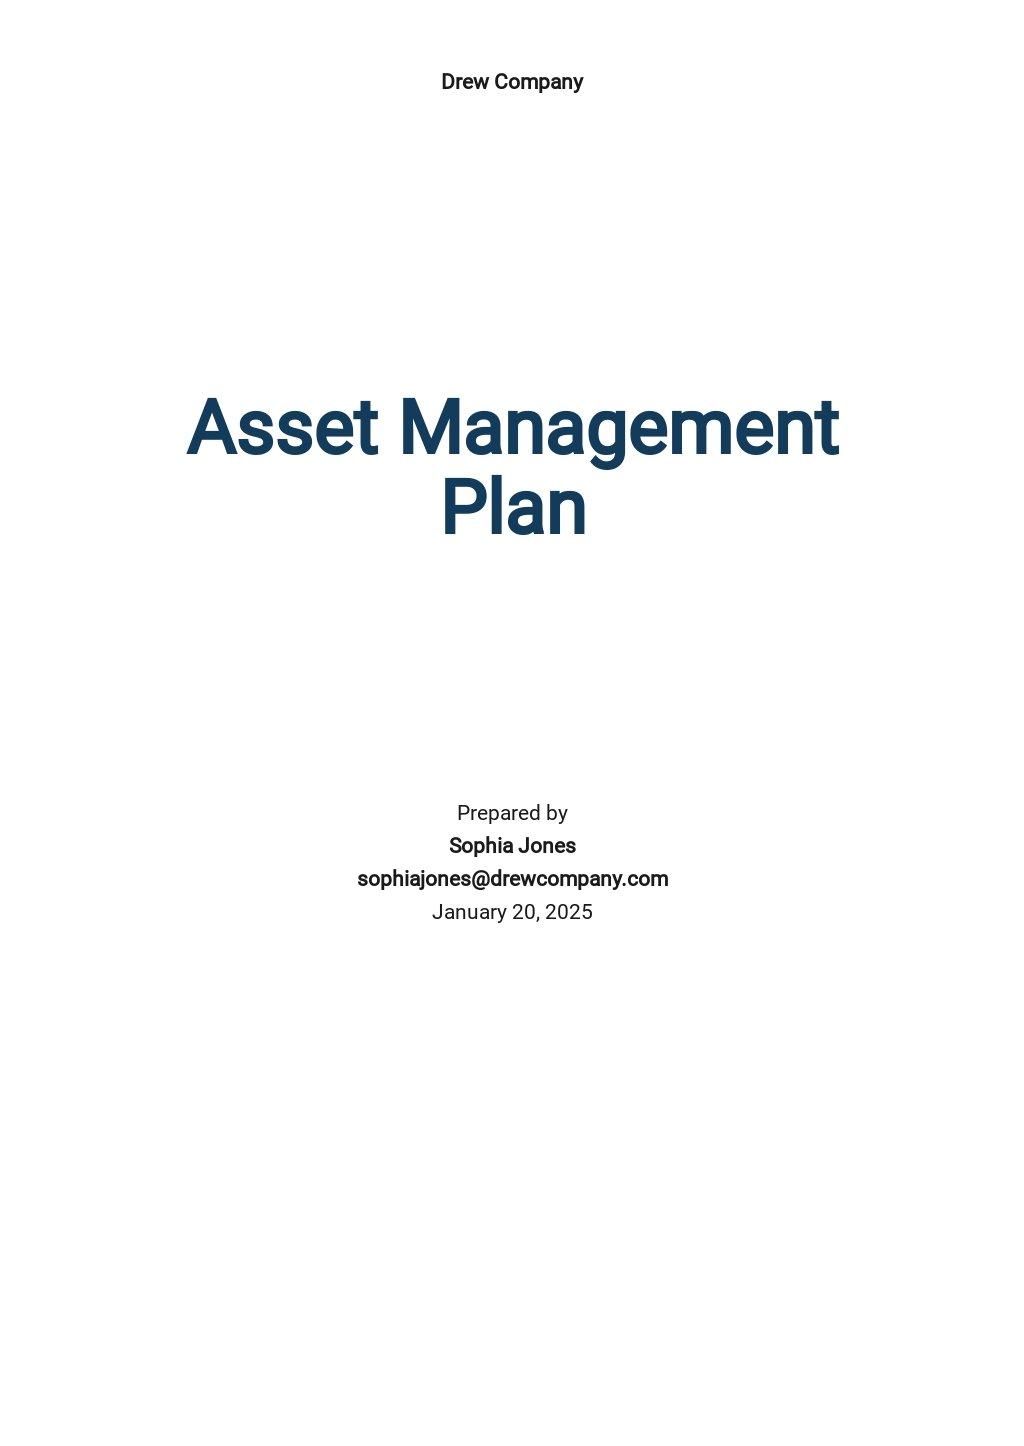 Asset Management Plan Template